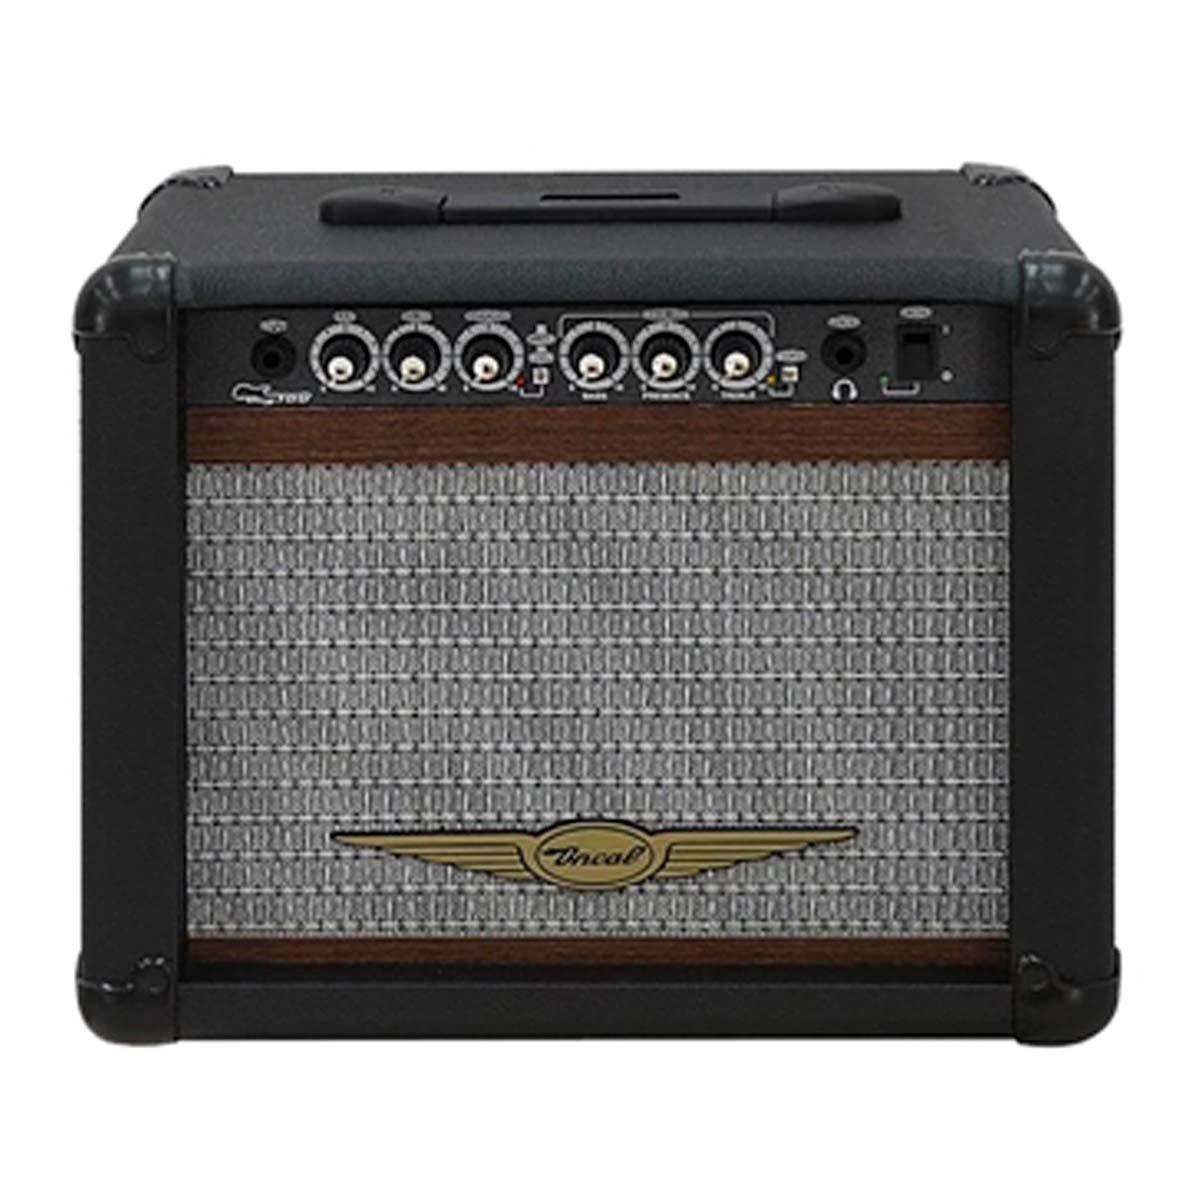 Cubo Amplificador P/ Guitarra Oneal OCG 100CR 30Wrms